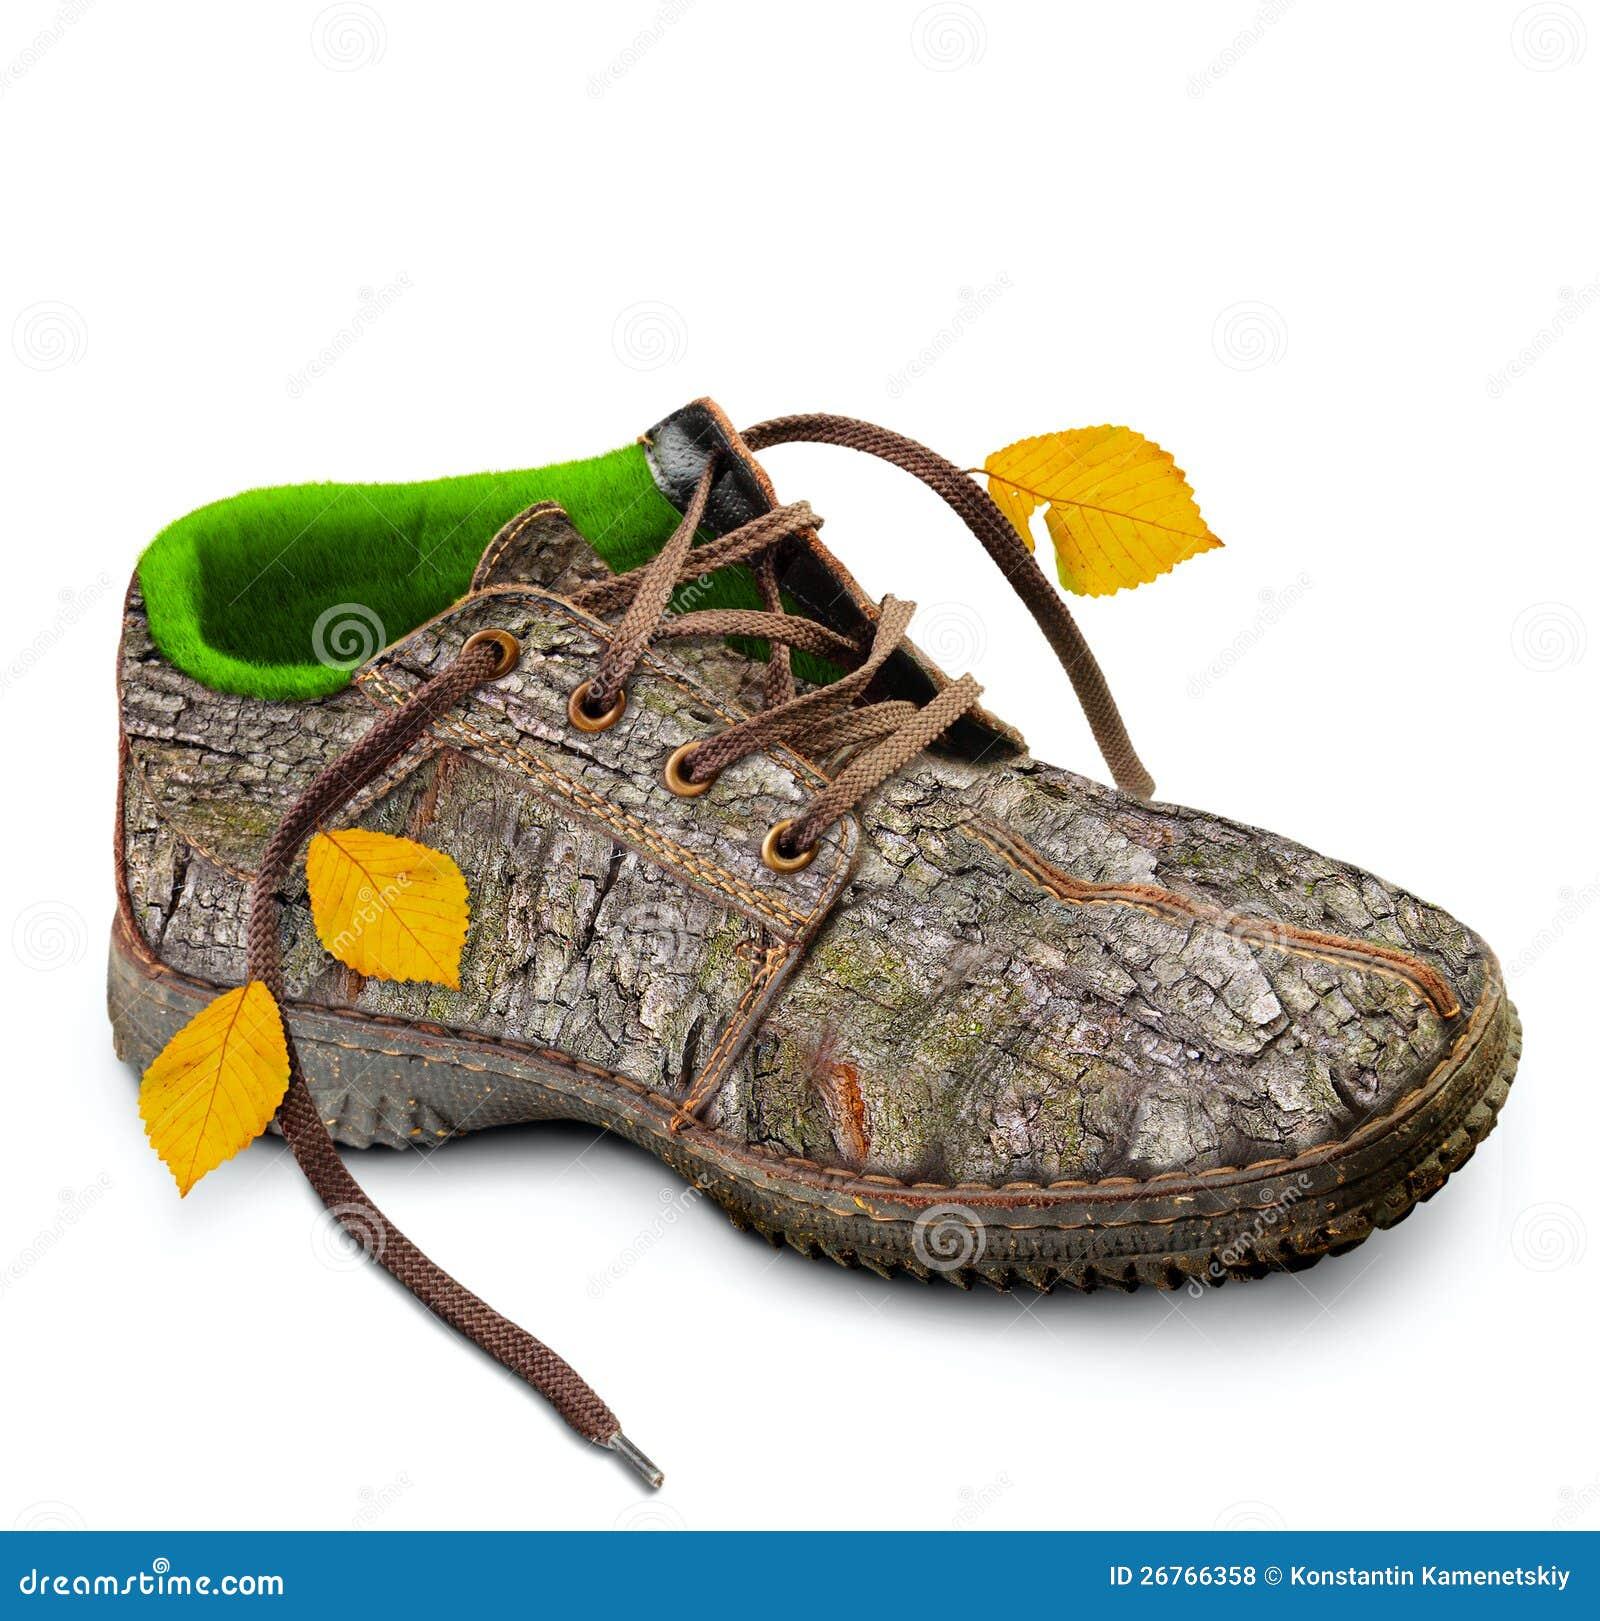 Concept  Milieuvriendelijke Schoenen  Royalty vrije Stock Foto u0026#39;s   Beeld  26766358